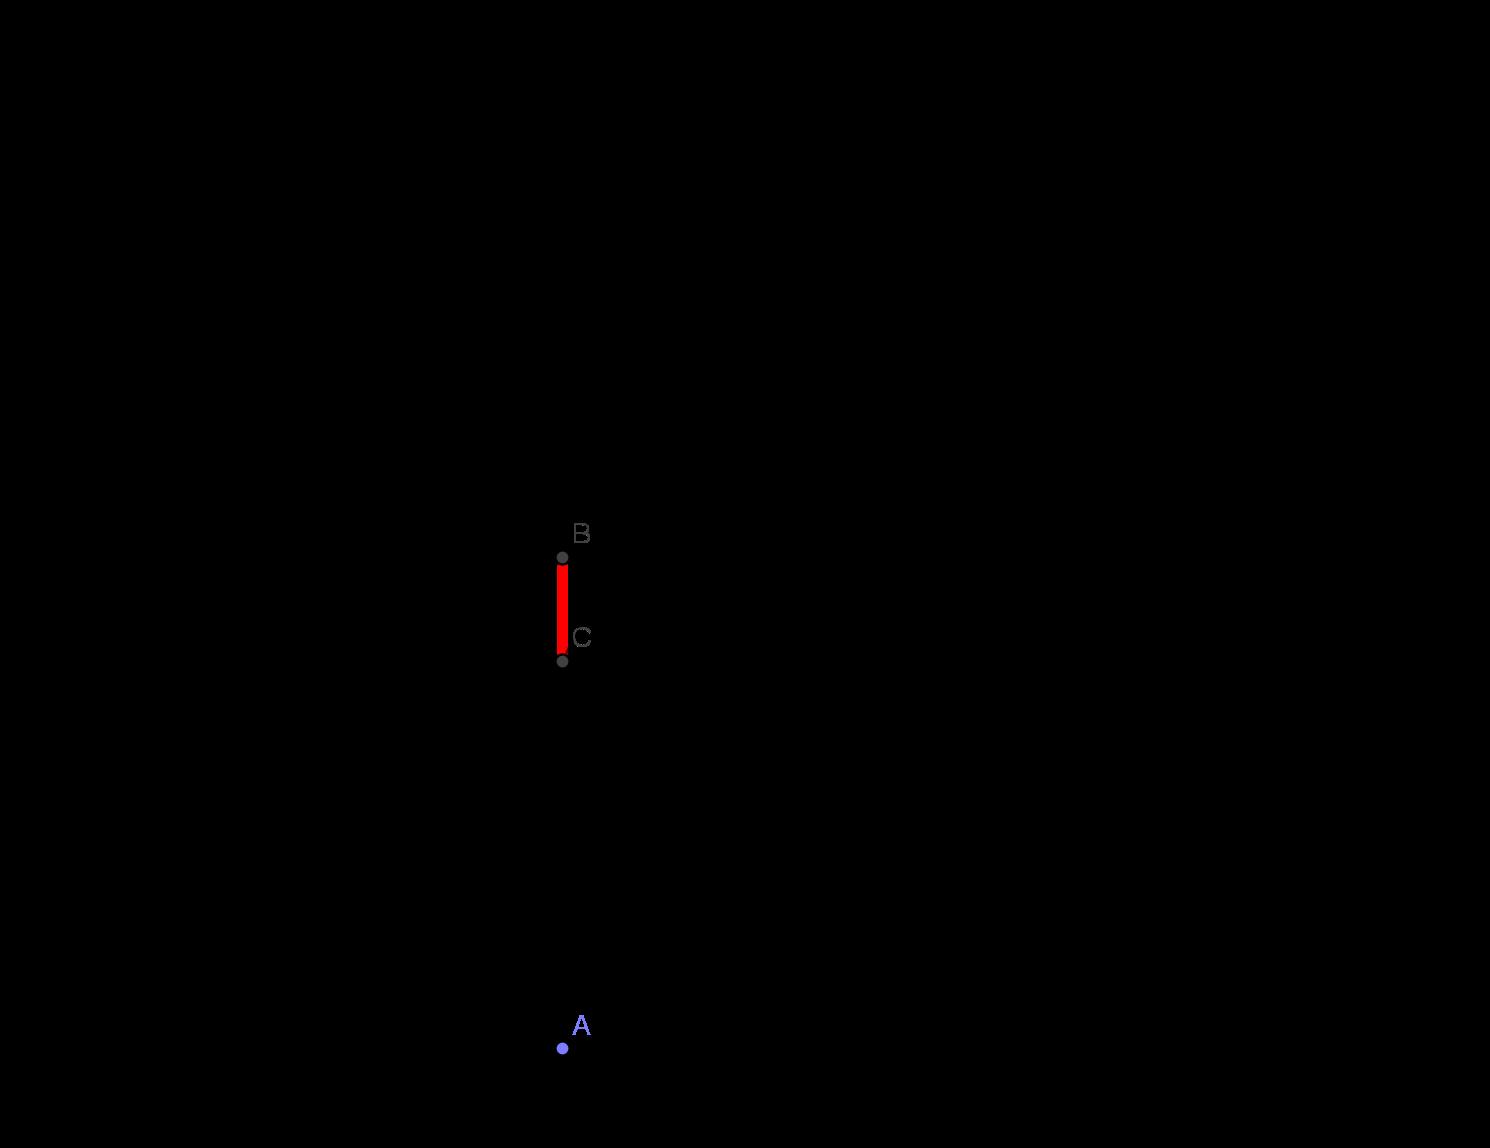 Second degr : Coordonnes des points d'intersection d'une ...